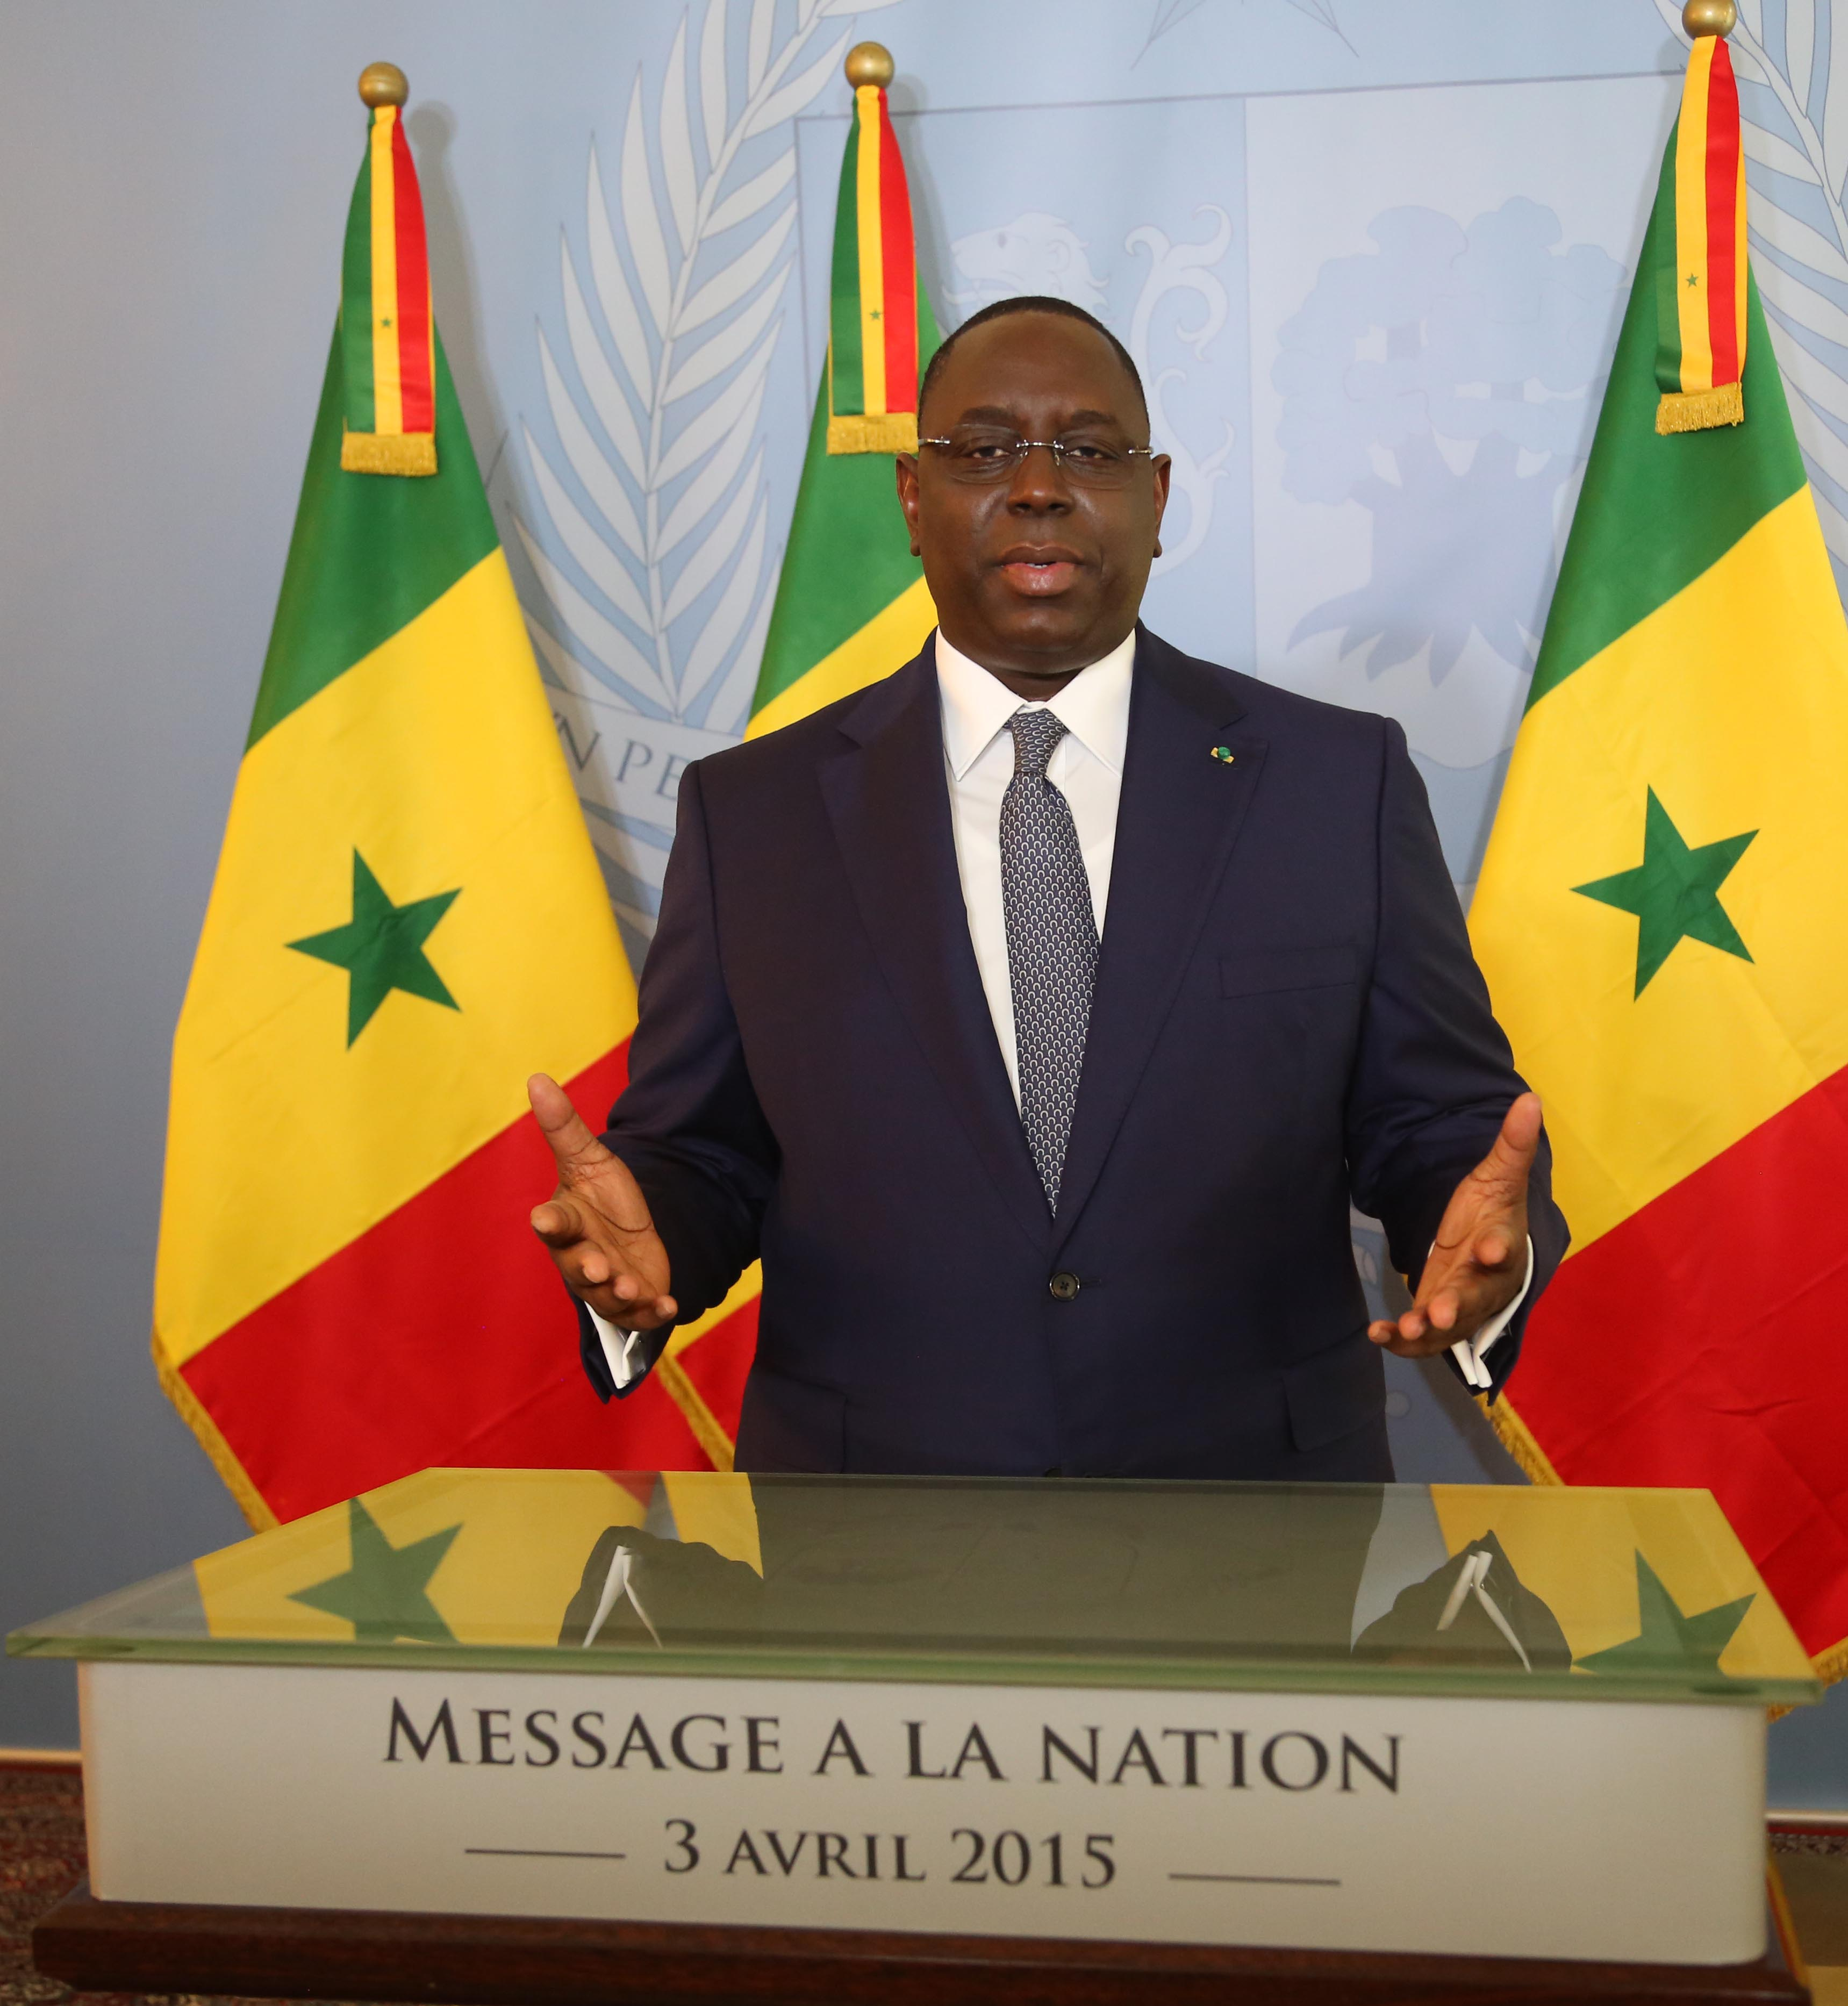 Le Président de la République, Son Excellence Monsieur Macky Sall, a quitté Dakar ce vendredi 14 octobre 2016, à destination du Togo.